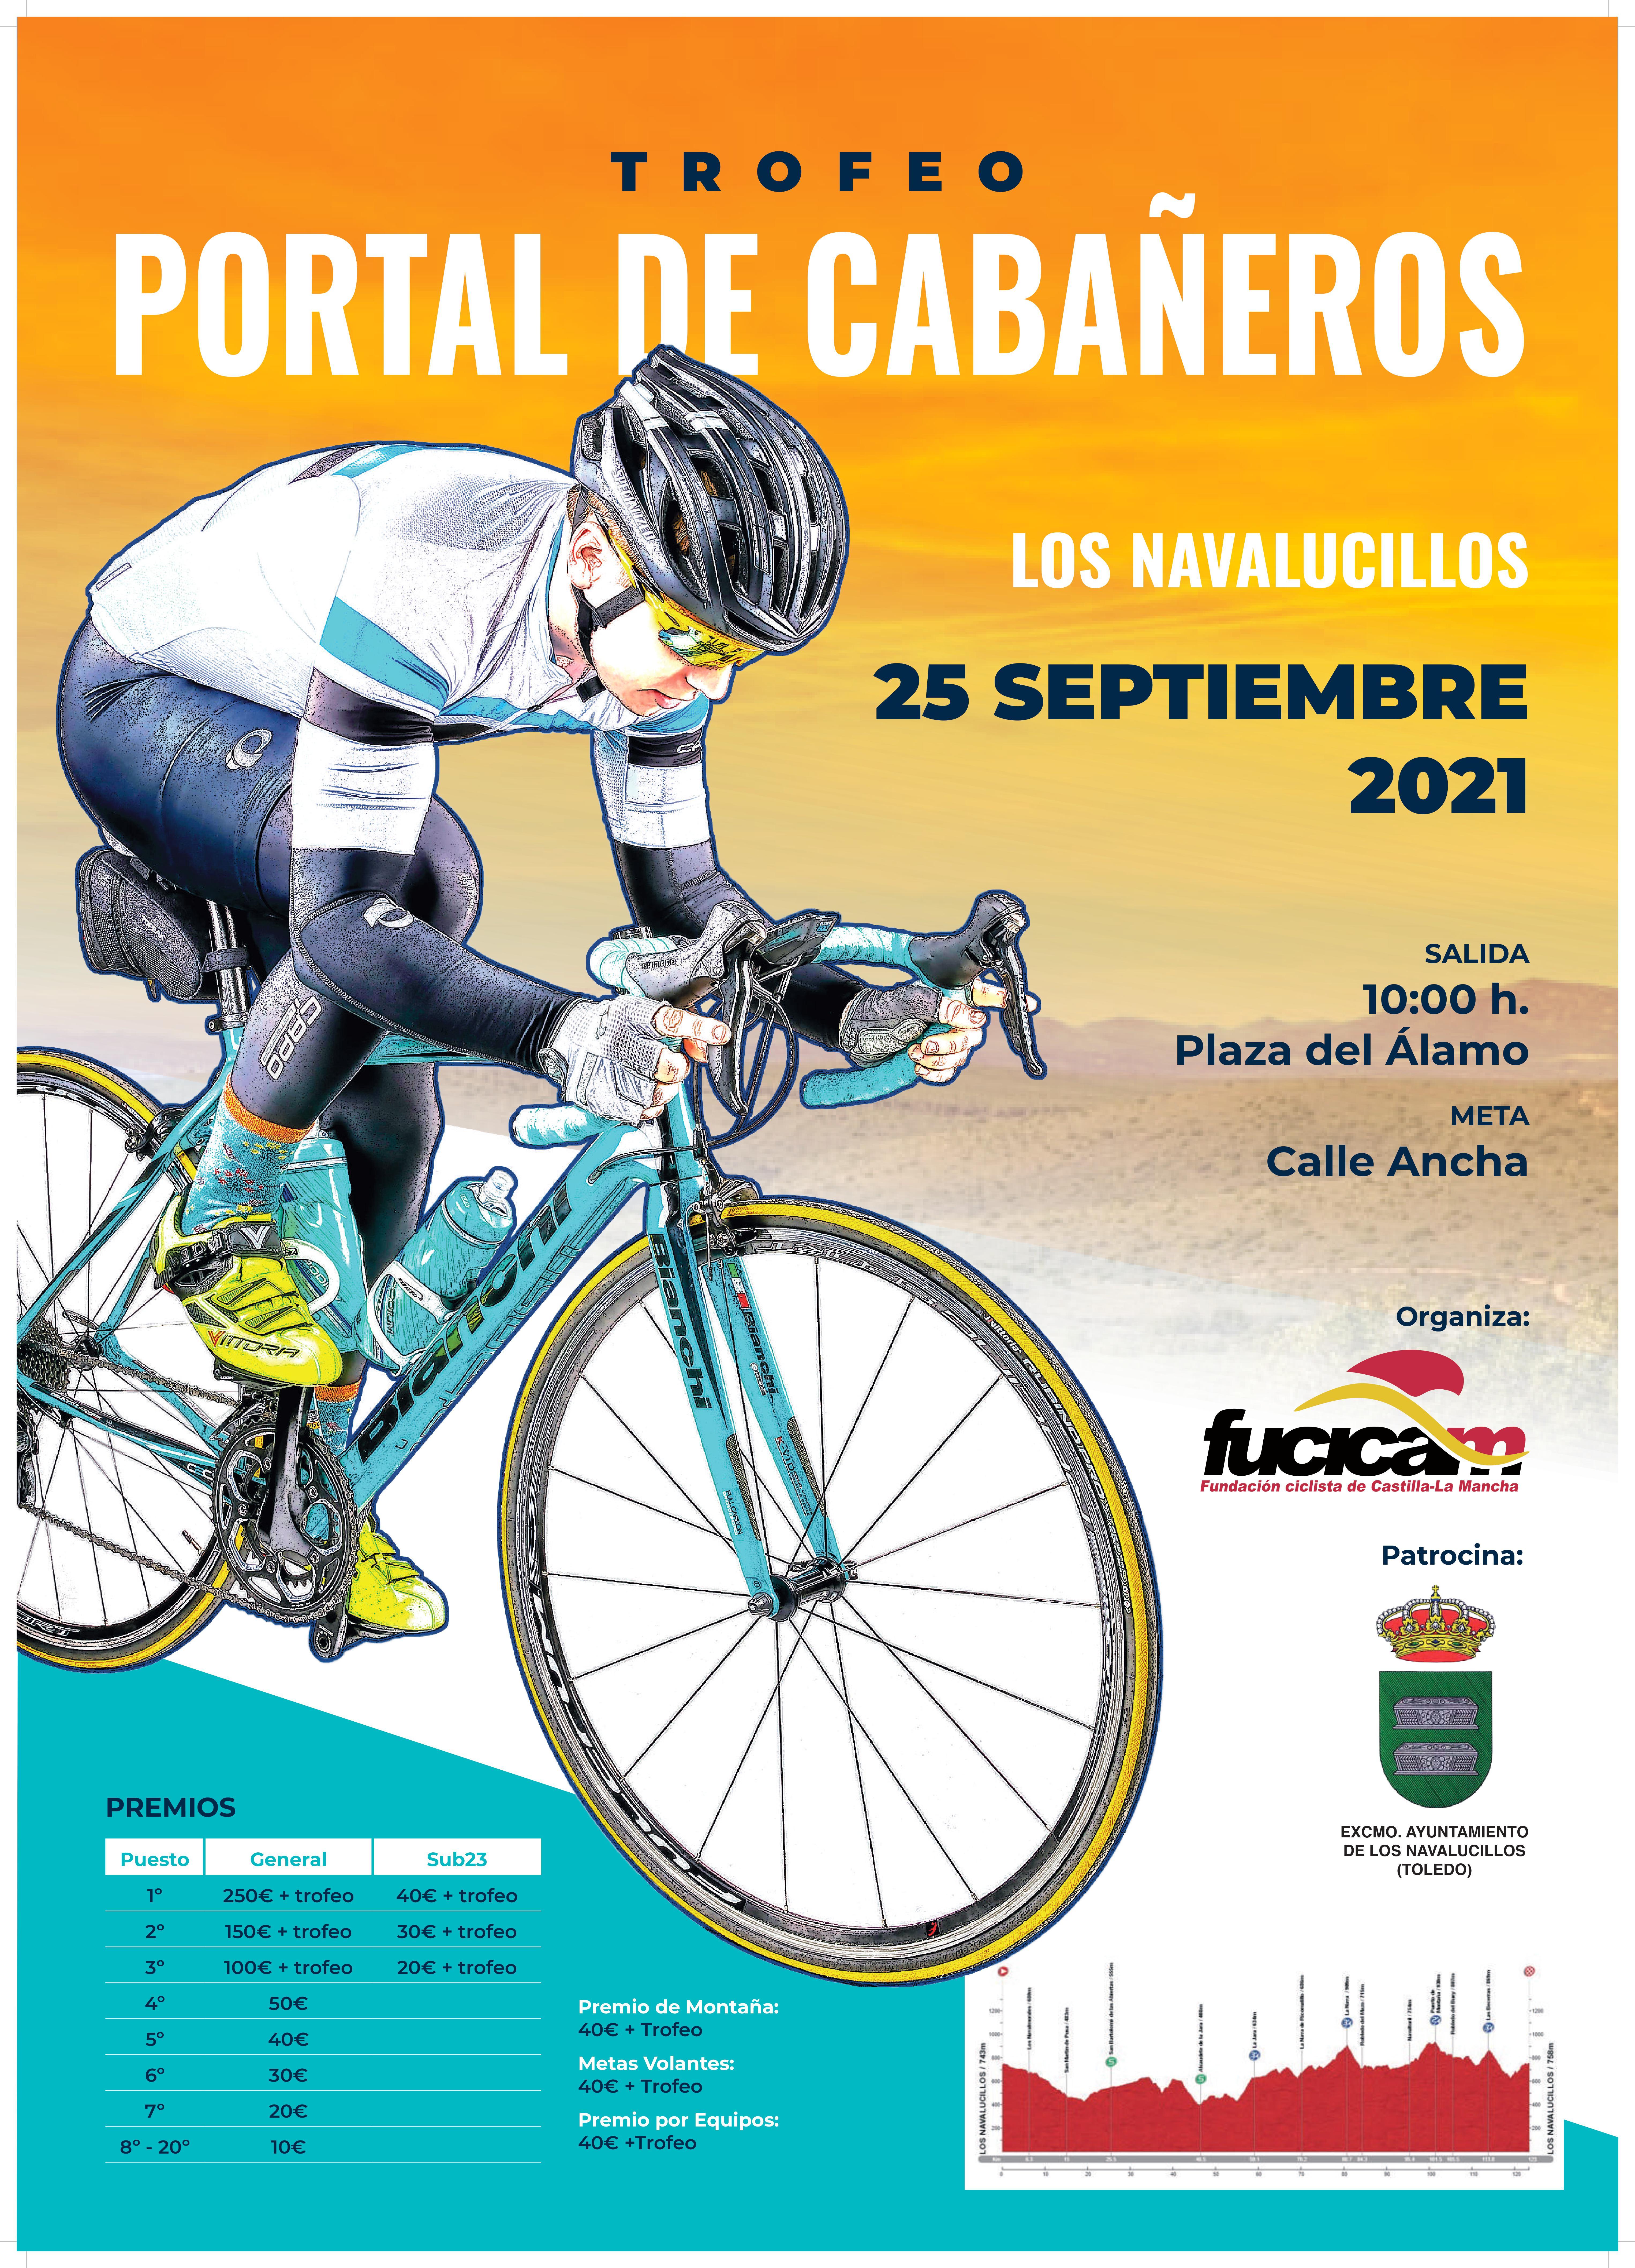 Trofeo Portal de Cabañeros